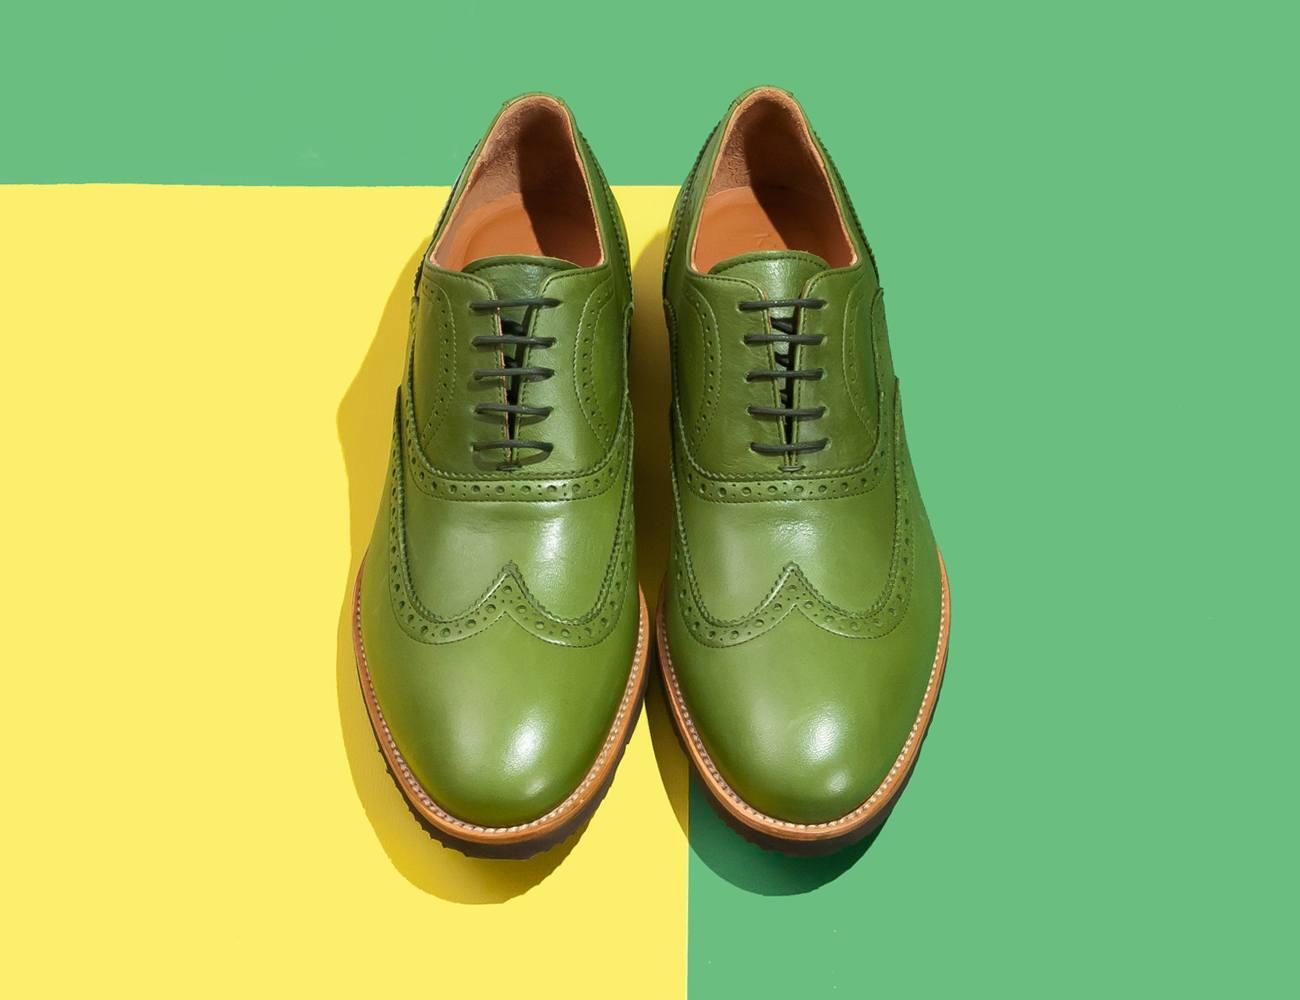 Beautiful Italian Shoes for Men & Women Review » The Gadget Flow